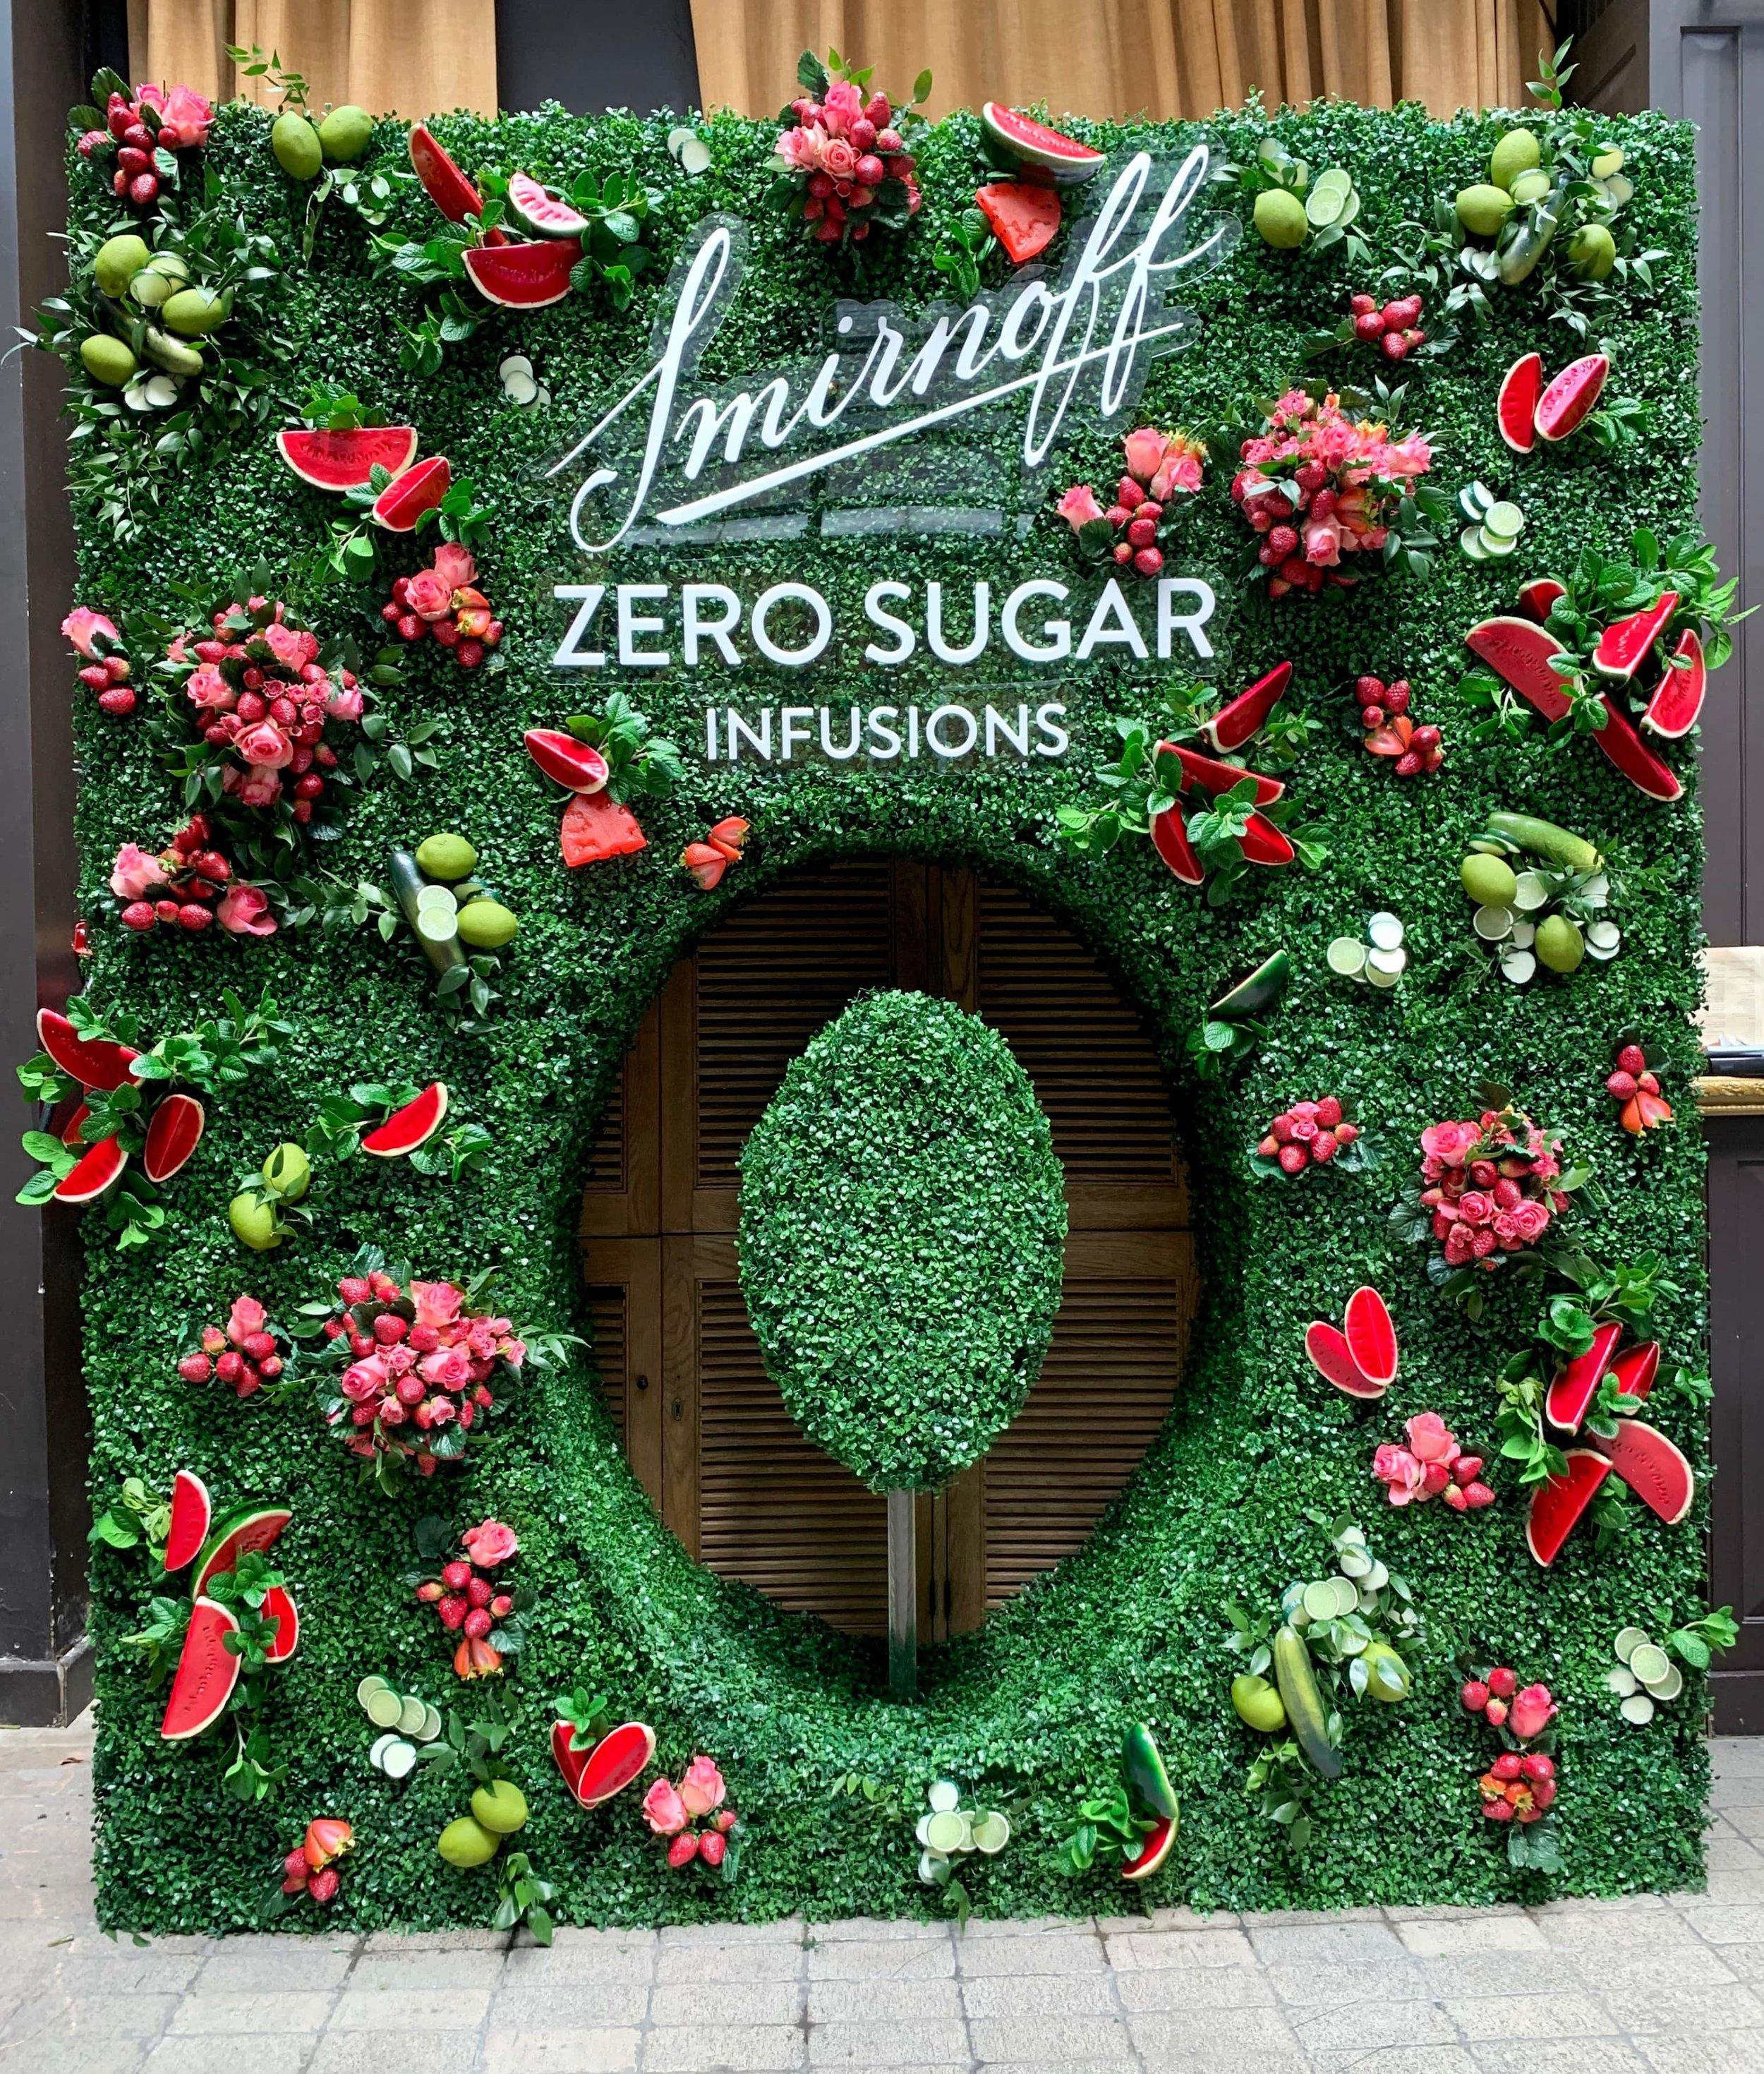 Smirnoff Zero Sugar Flower Wall